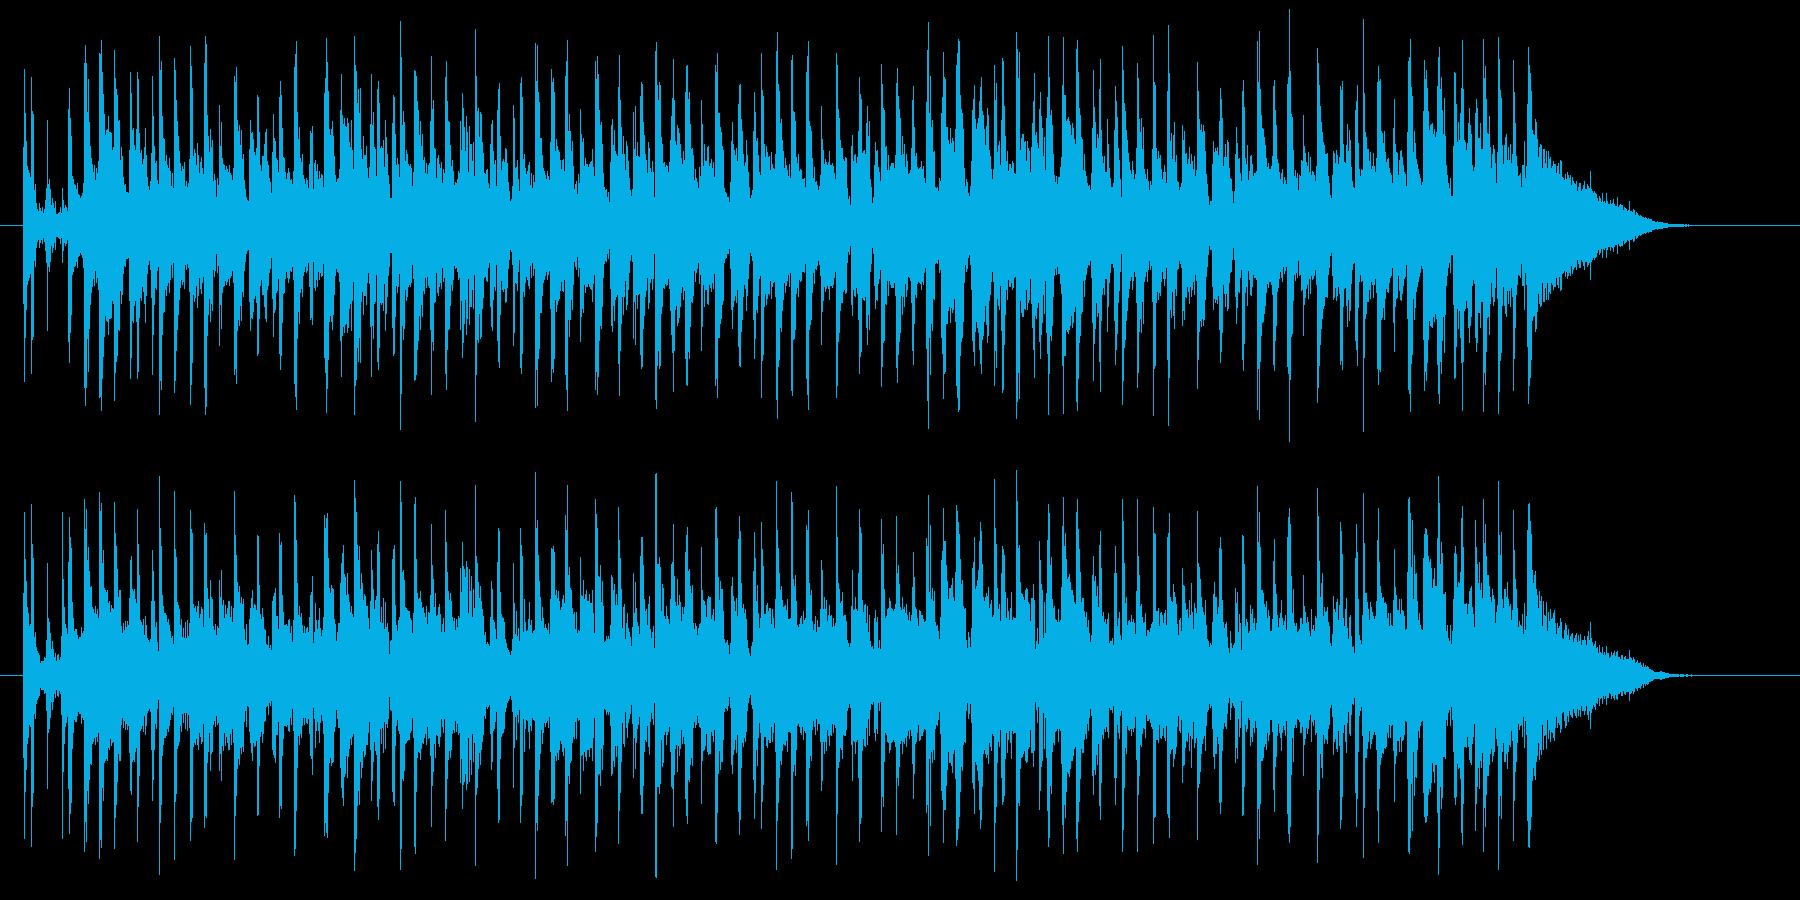 軽快でグルーヴィーなポップスのジングルの再生済みの波形